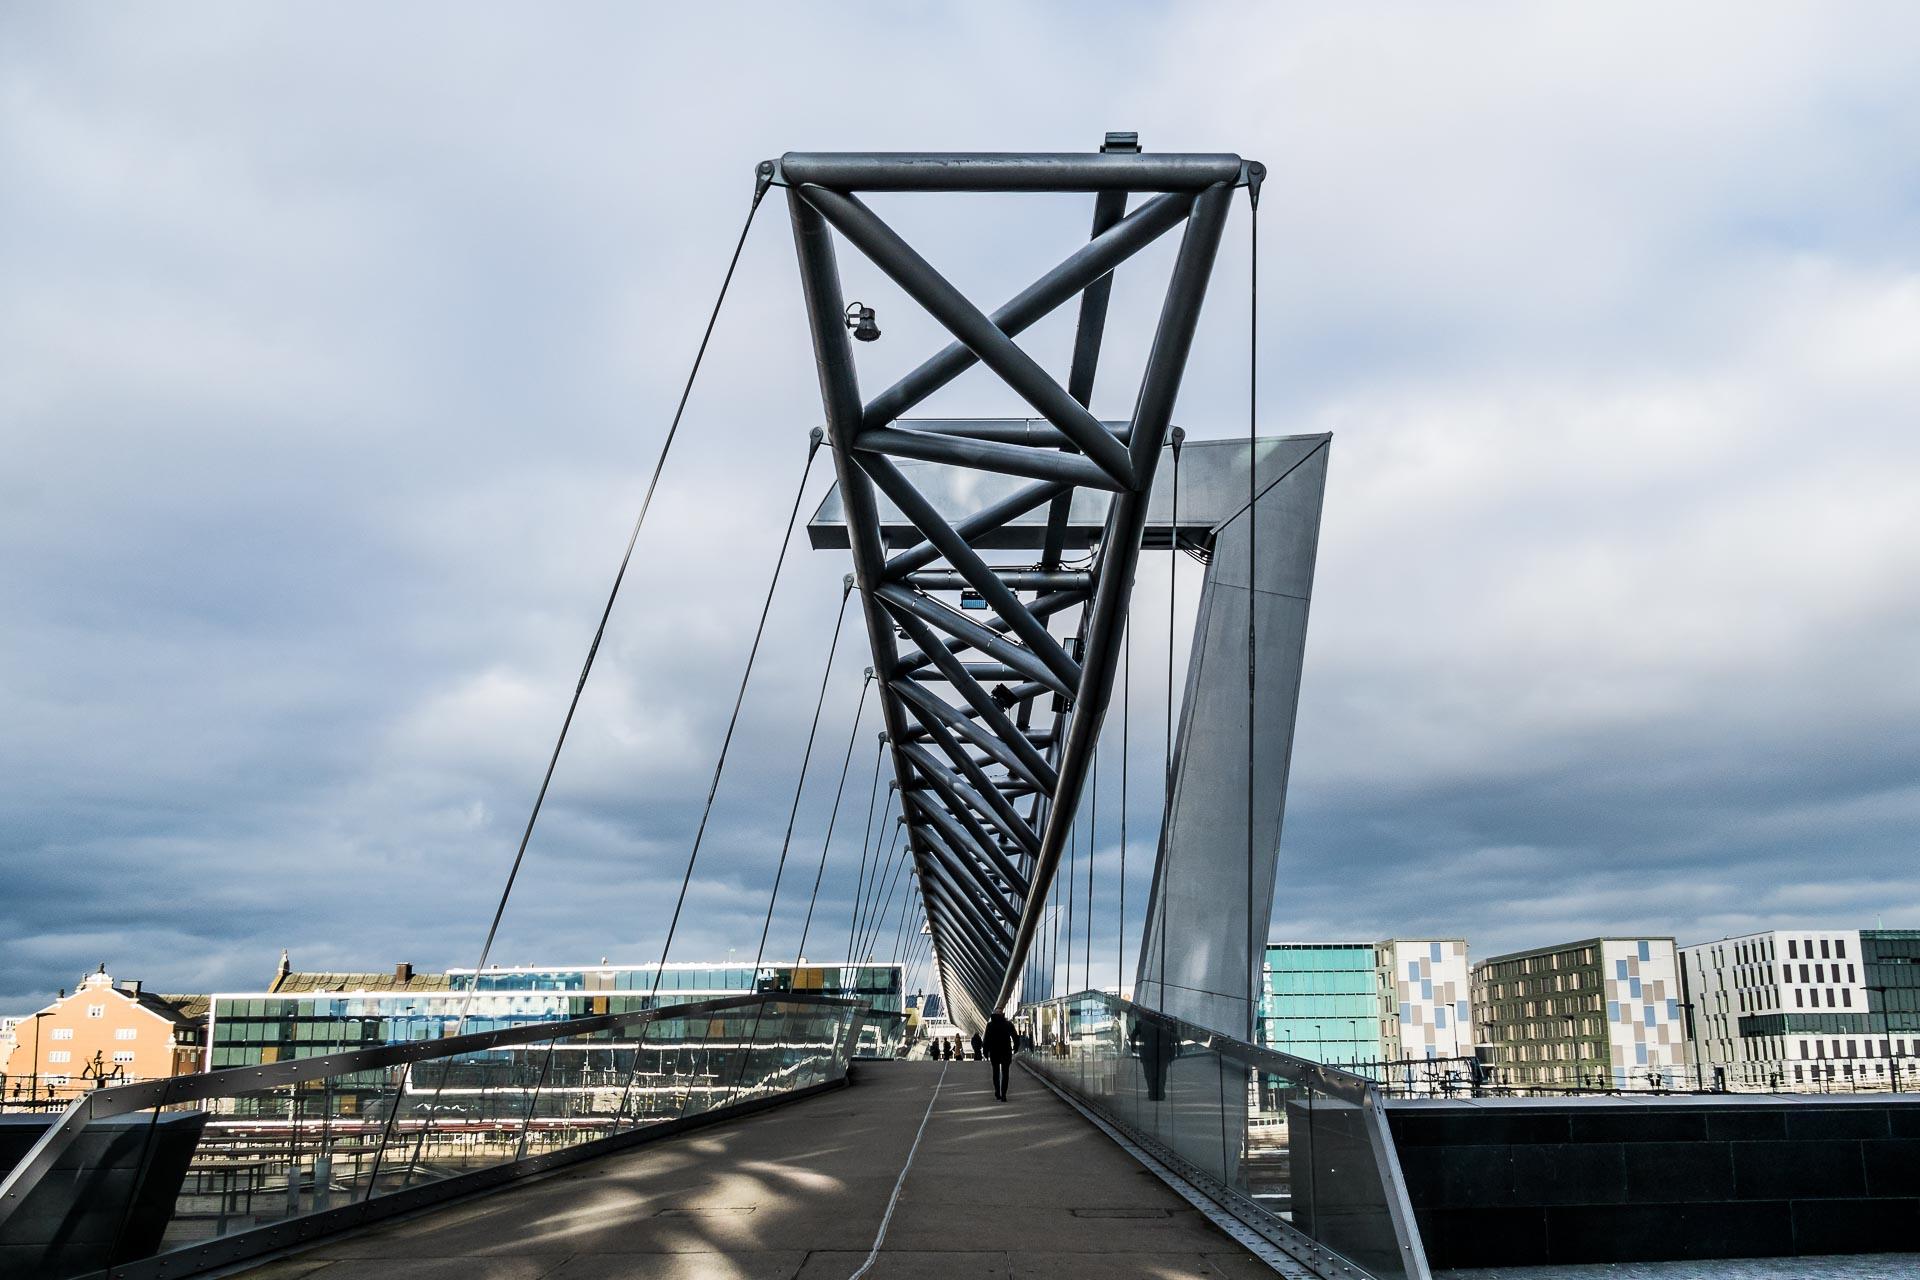 Akrobaten er en gangbro over sporområdet ved Oslo Sentralstasjon som forbinder områdene Grønland og Bjørvika som en del av Stasjonsallmenningen.